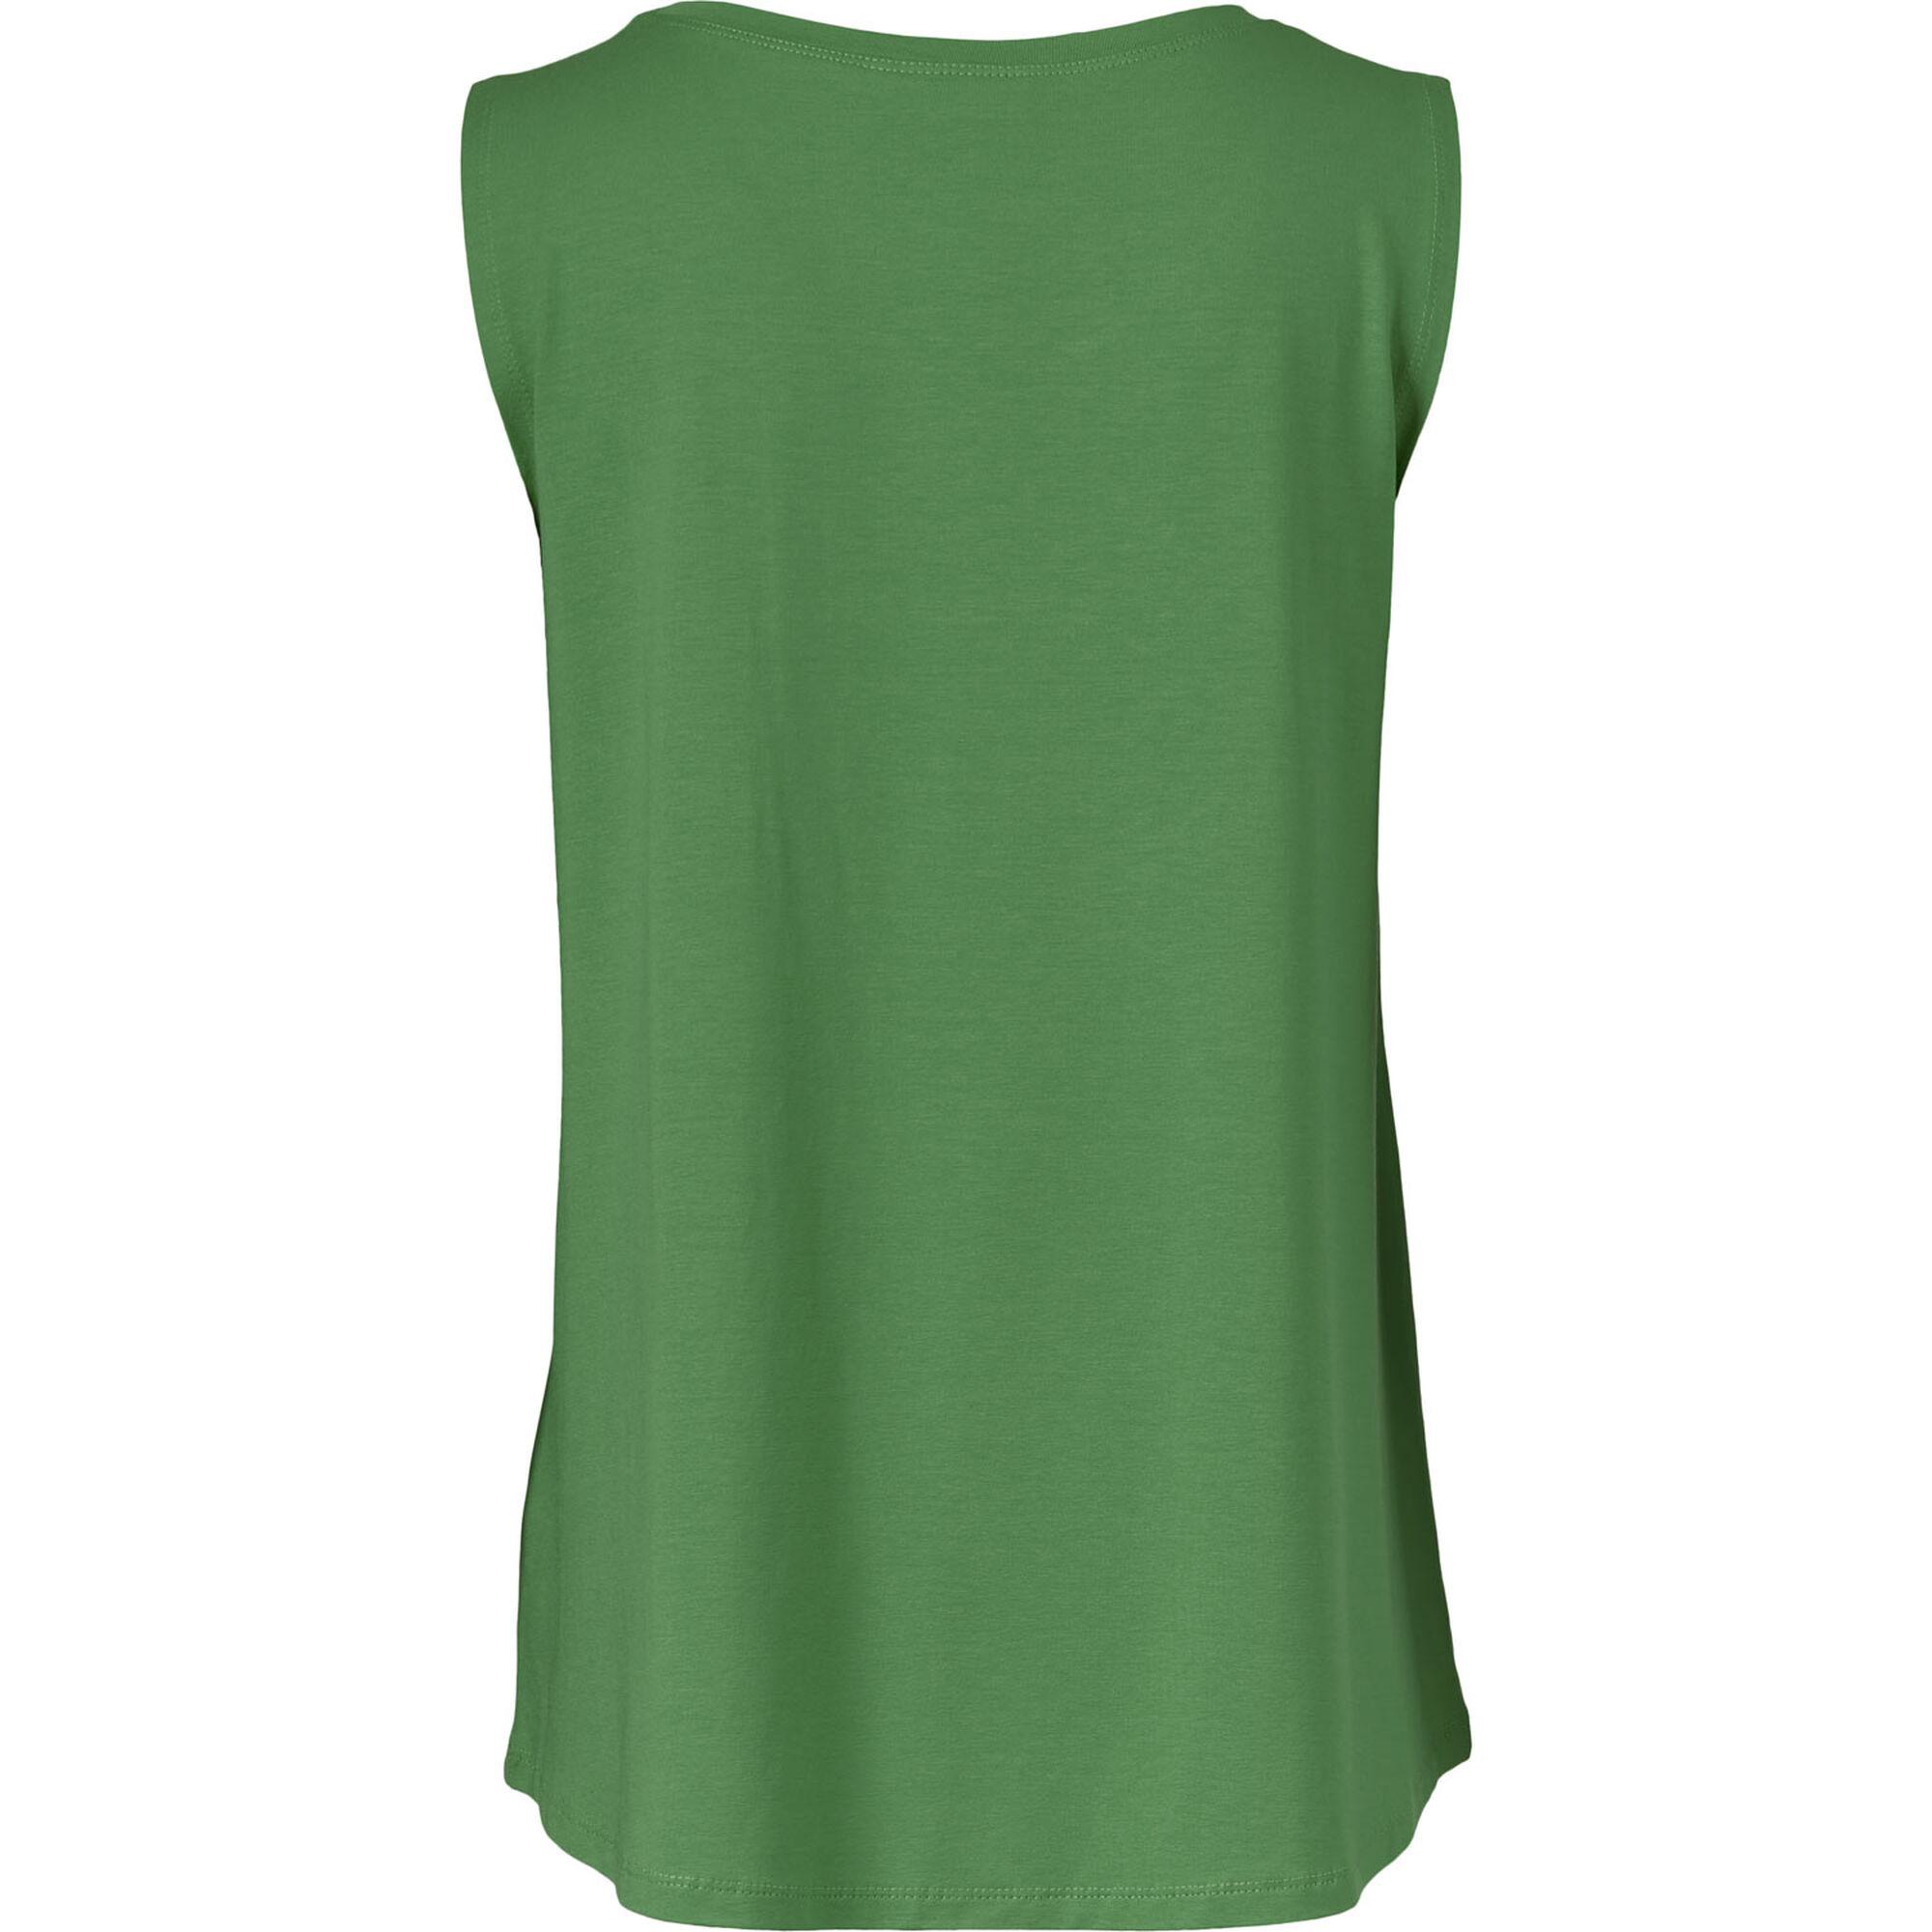 ELISA TOP, Garden Green, hi-res